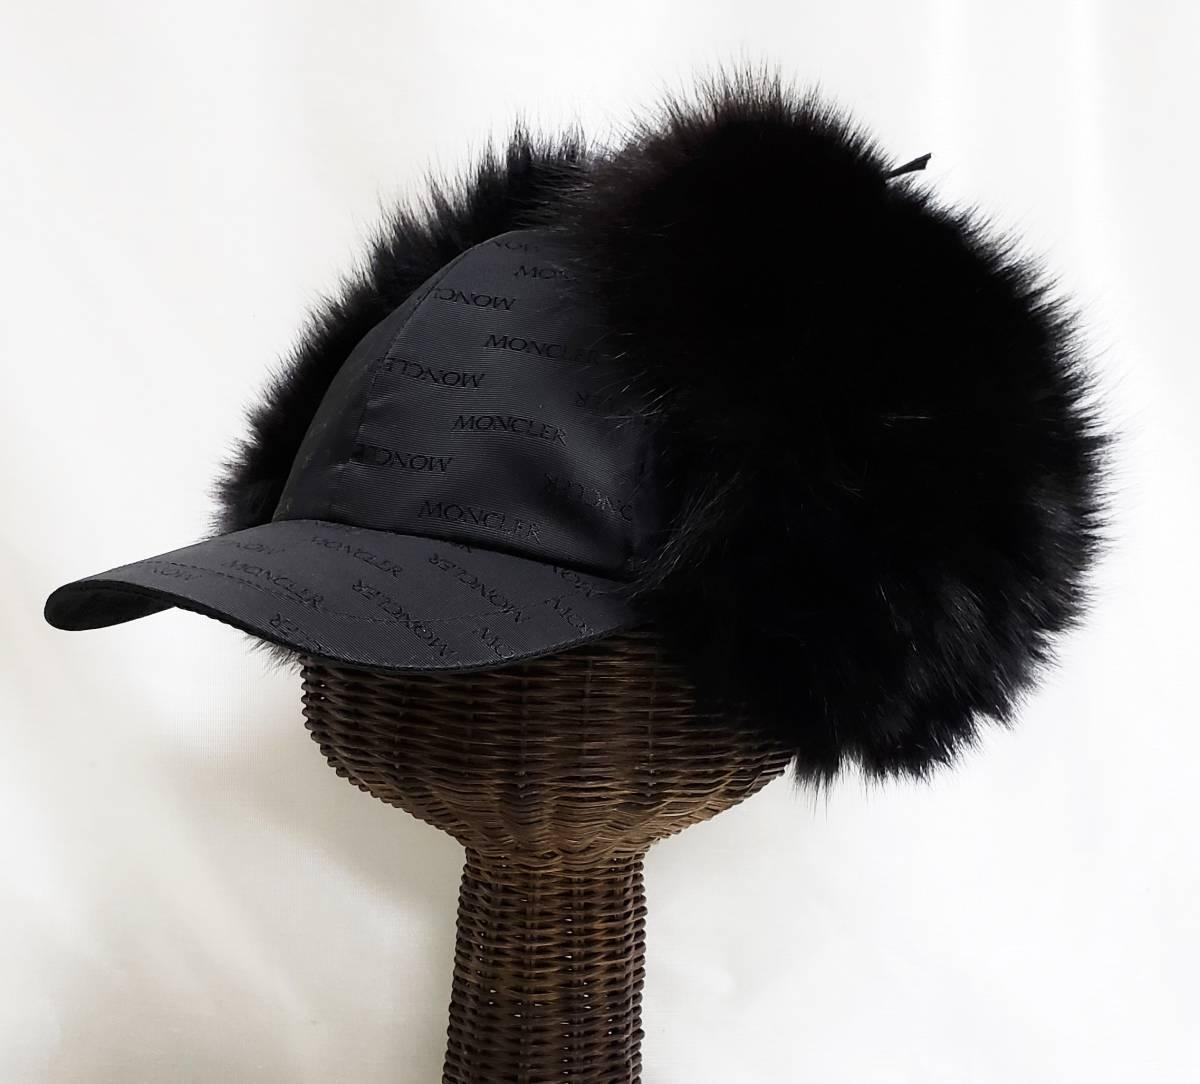 希少 新品同様 モンクレール MONCLER ボリュームファーが素敵な フォックス ファー 耳当て付き 帽子 パイロット キャップ 黒 フリーサイズ _画像2